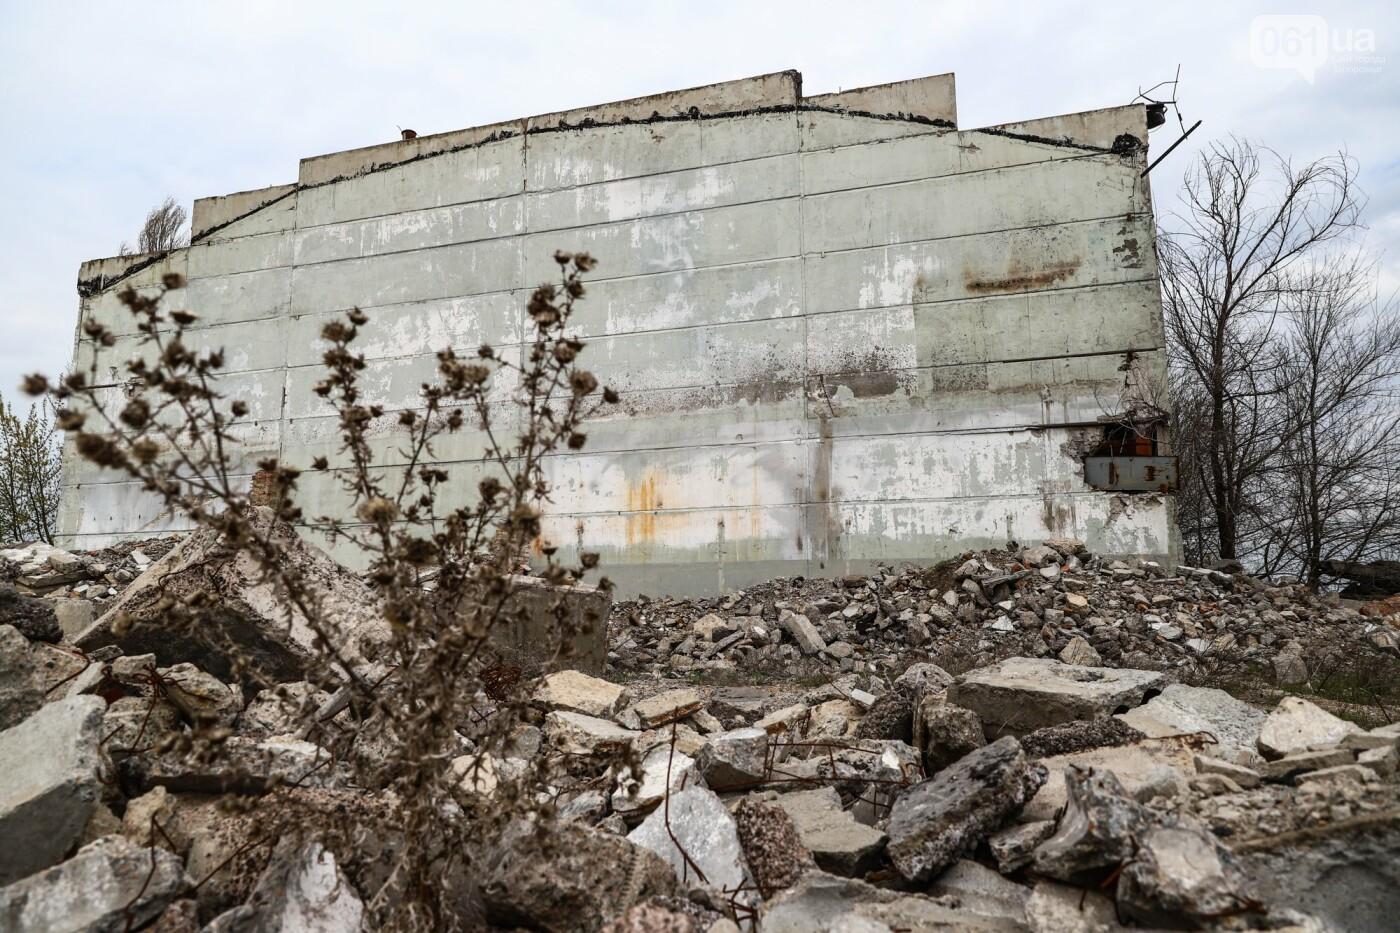 В Степногорске пытаются разобрать на металлолом шахту - промплощадка ГОКа превратилась в руины, - ФОТОРЕПОРТАЖ , фото-20